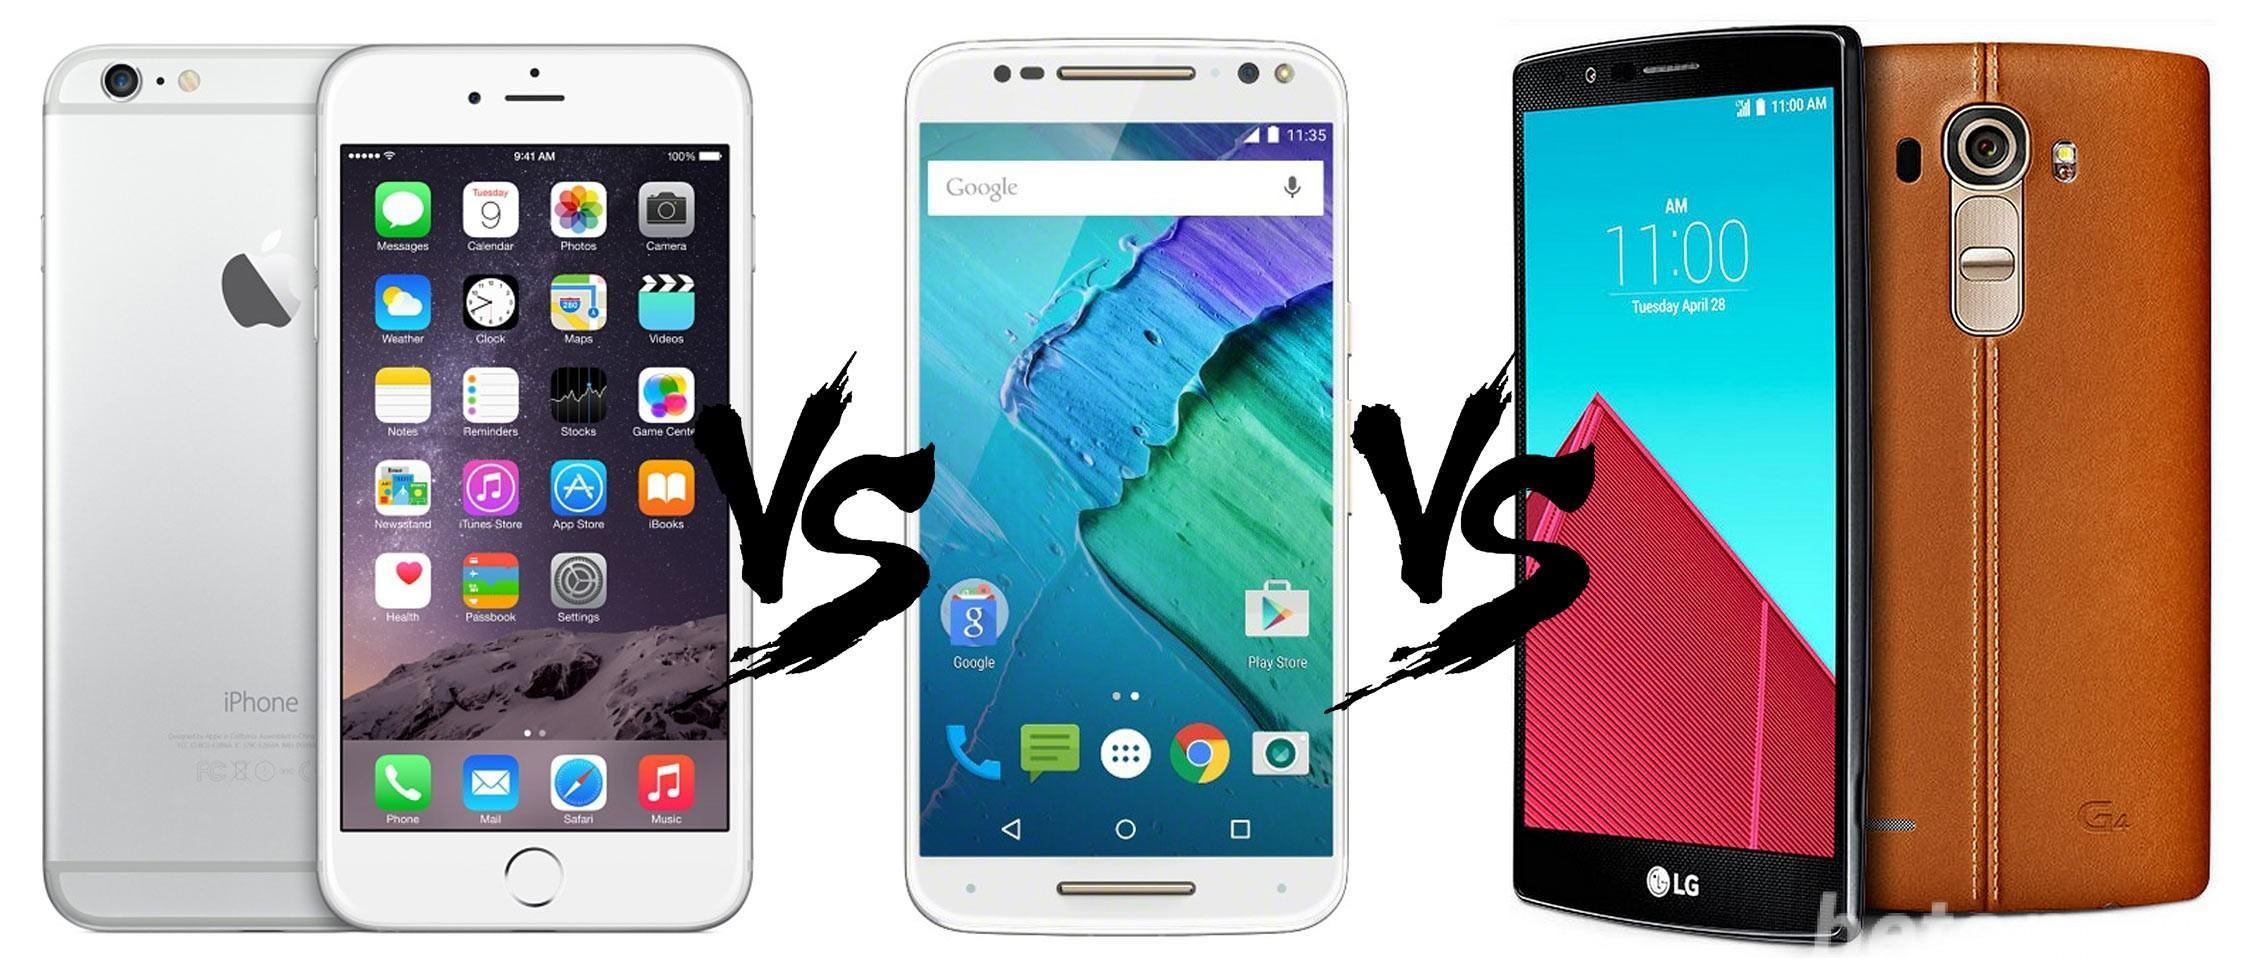 Apple-iPhone-6-Plus-vs-Moto-X-Style-vs-LG-G4